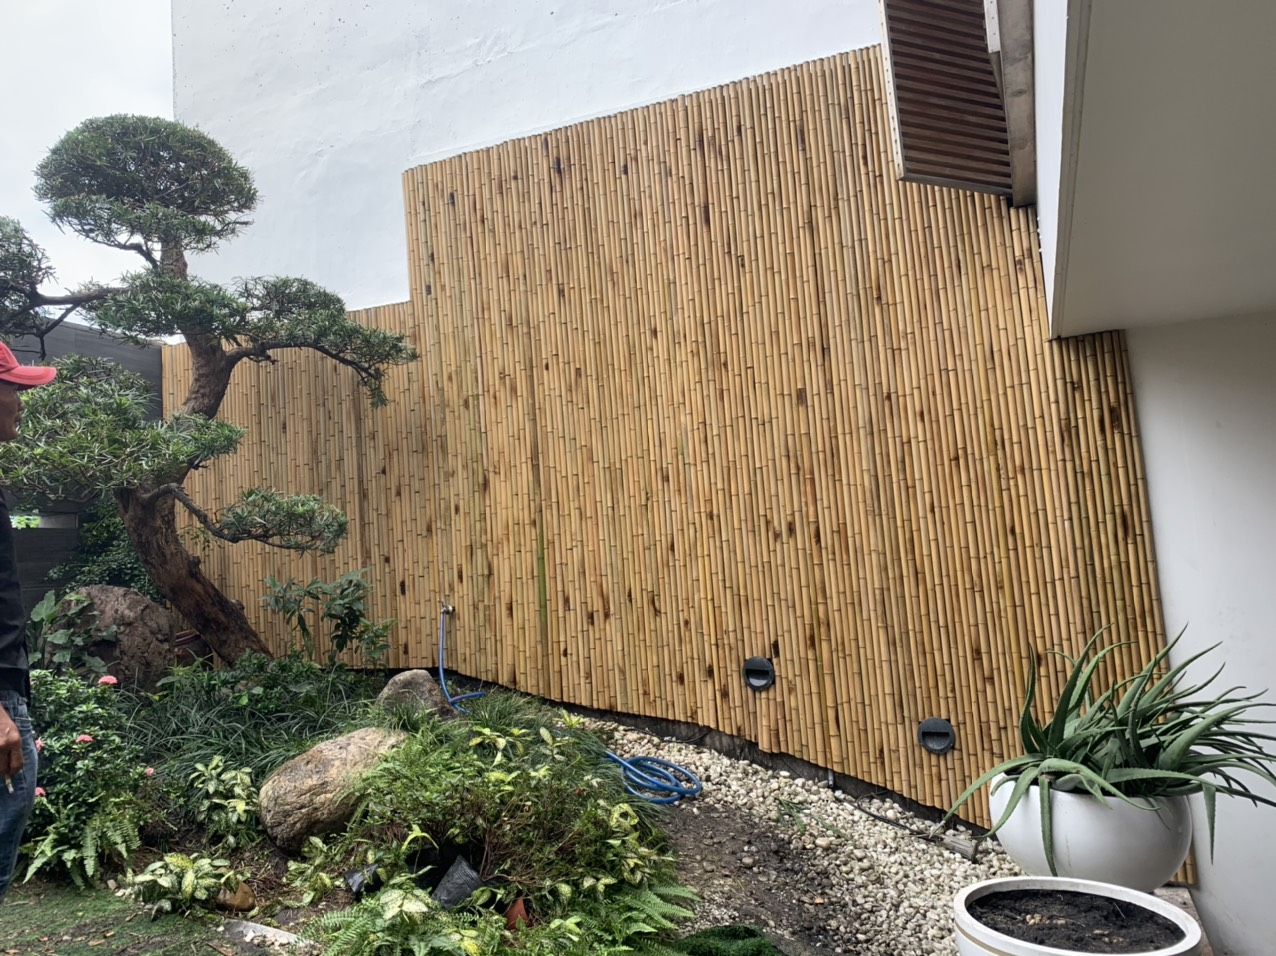 Ốp tường rào tre trúc trang trí